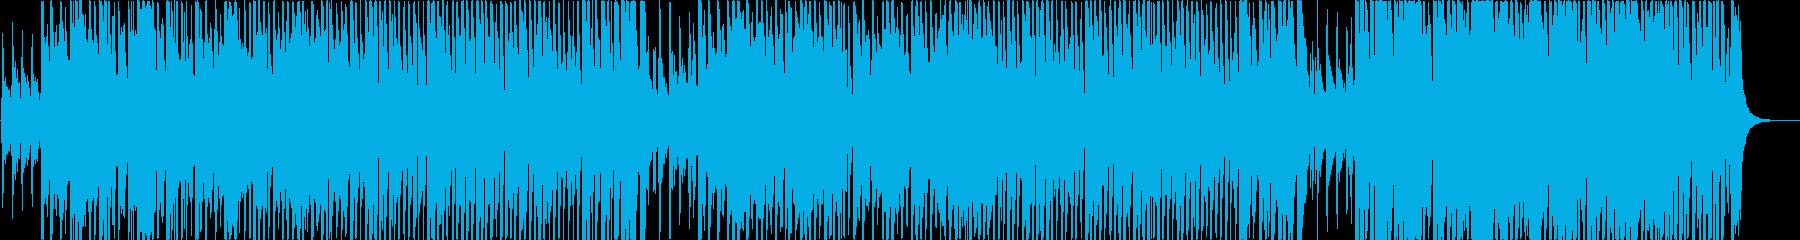 【生演奏】ヴァイオリン&ギターXmas曲の再生済みの波形